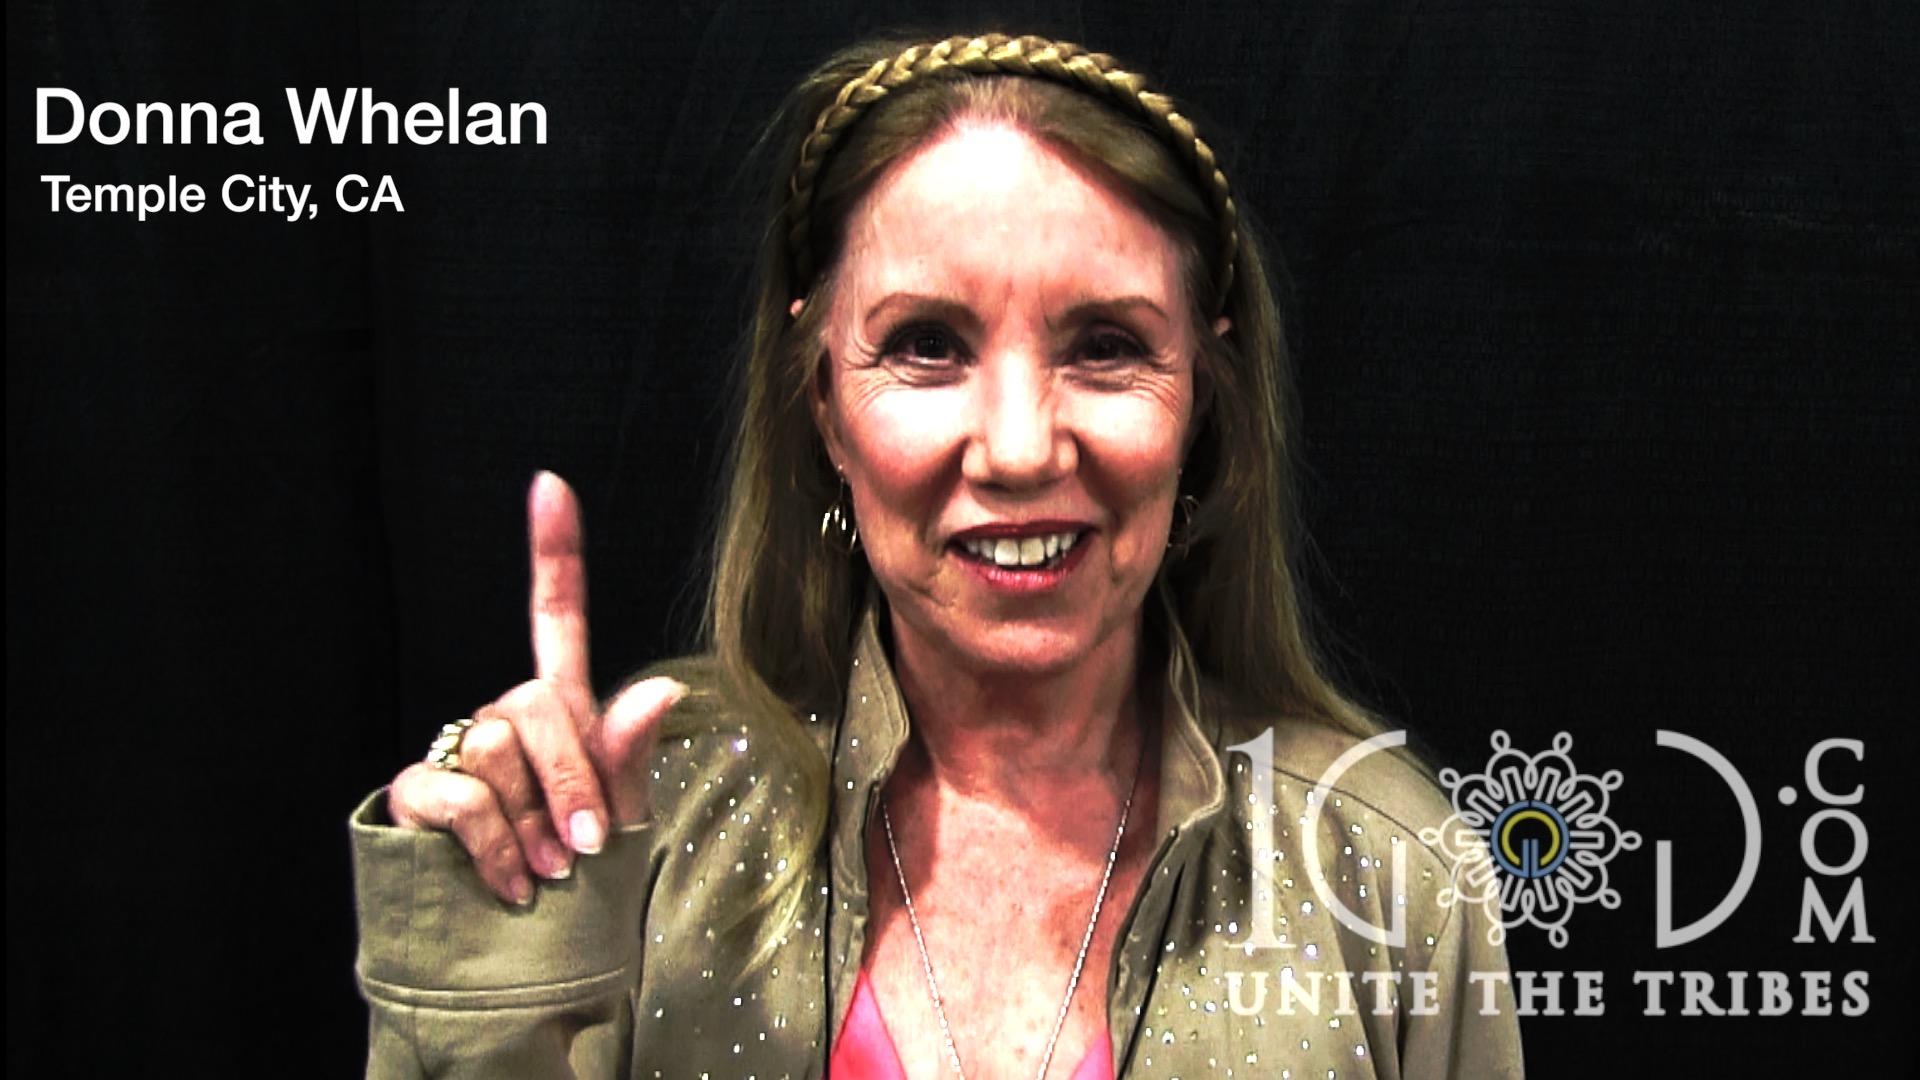 Donna Whelan 1God.com